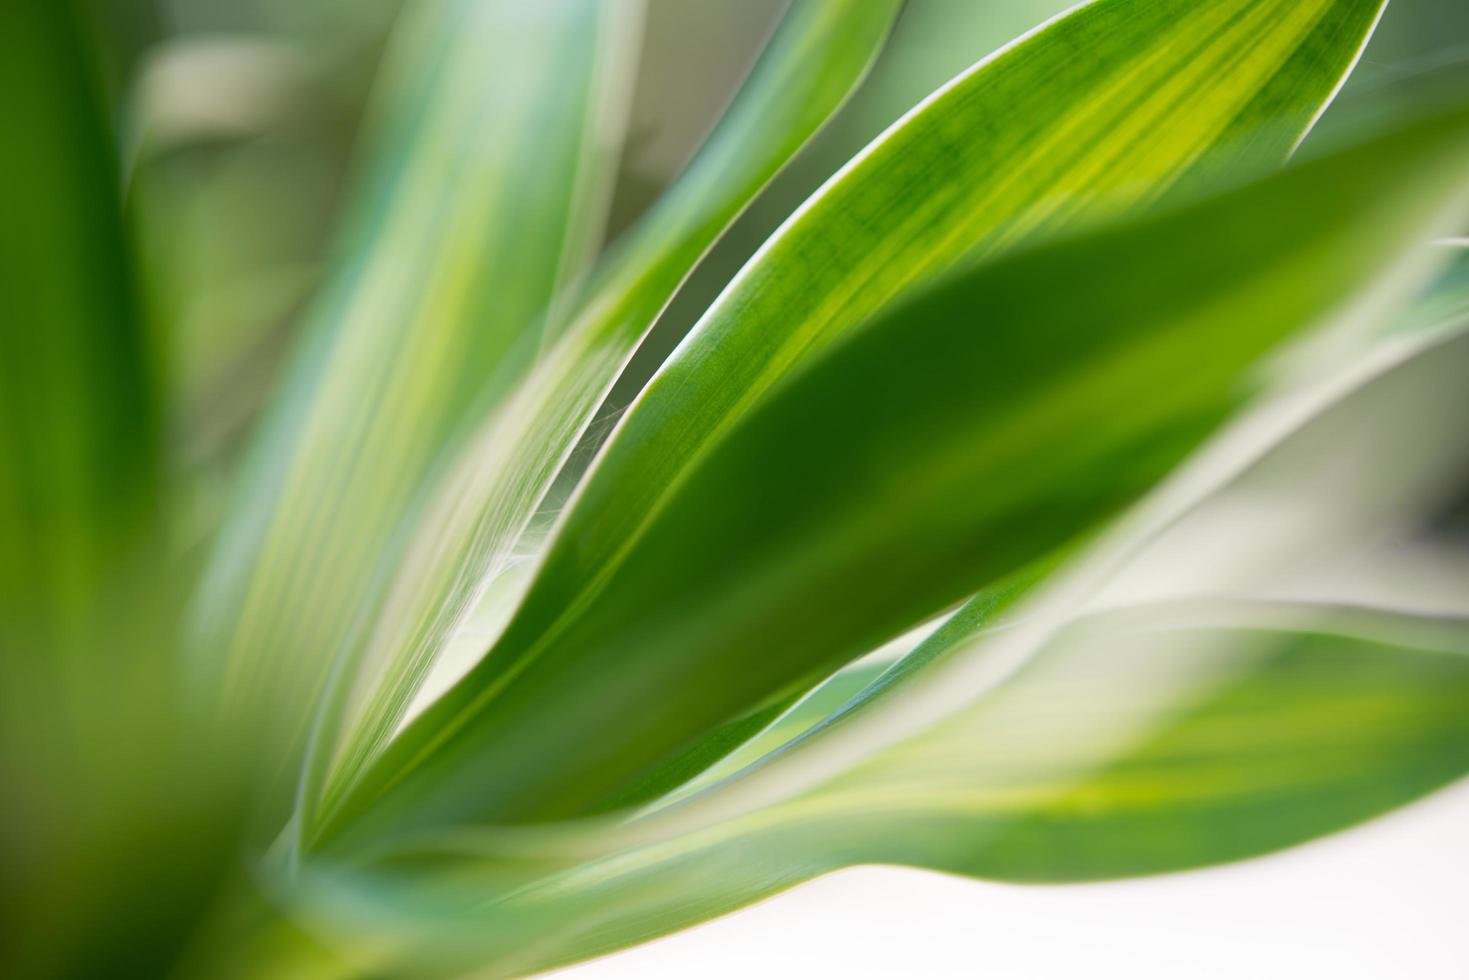 närbild av ett växtblad med bokehbakgrund foto